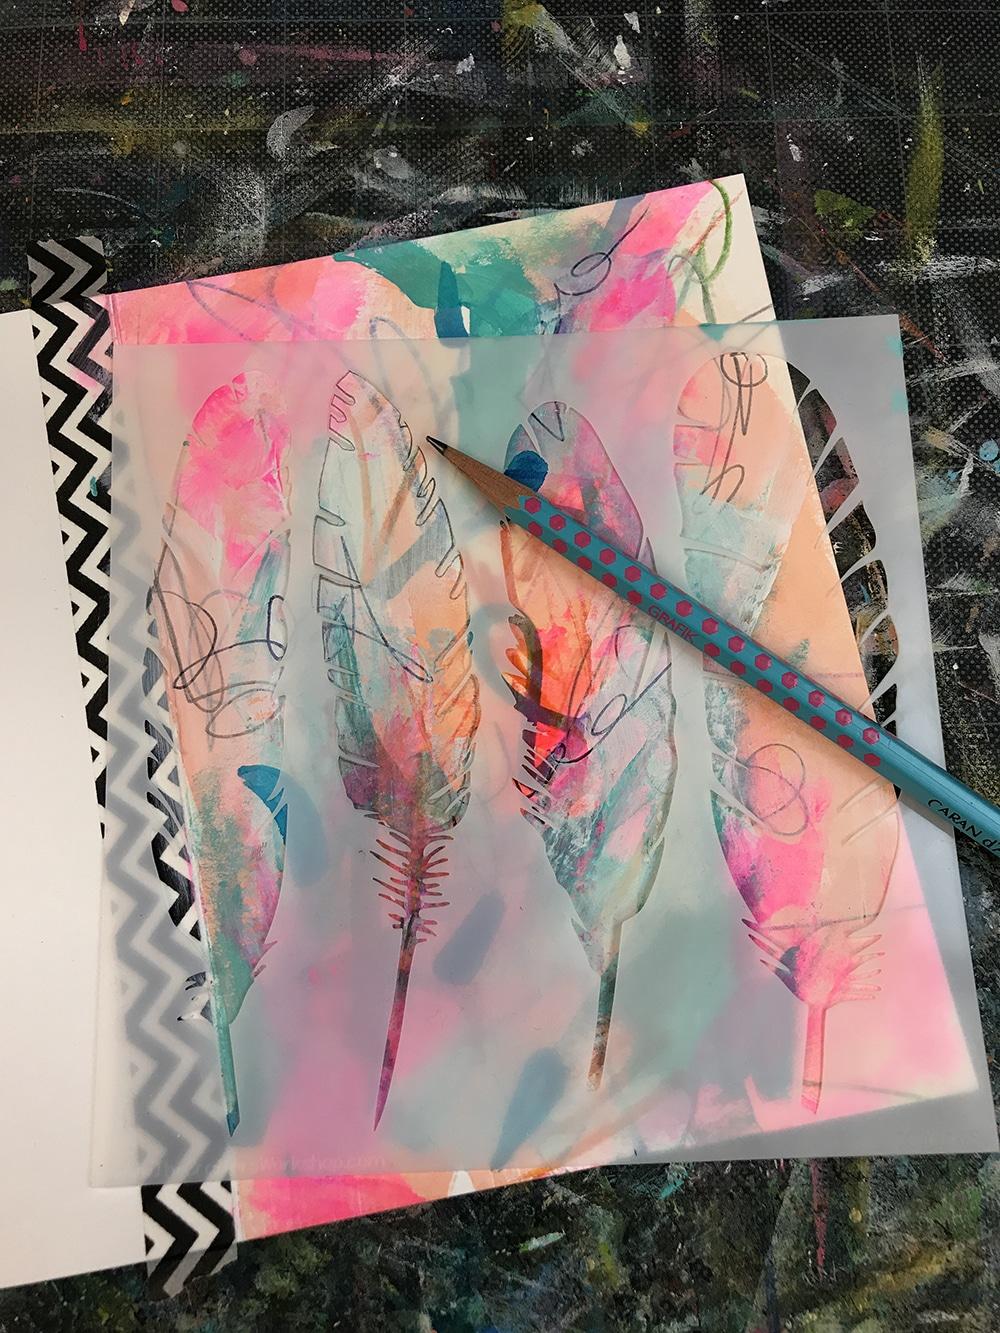 Stencil Time